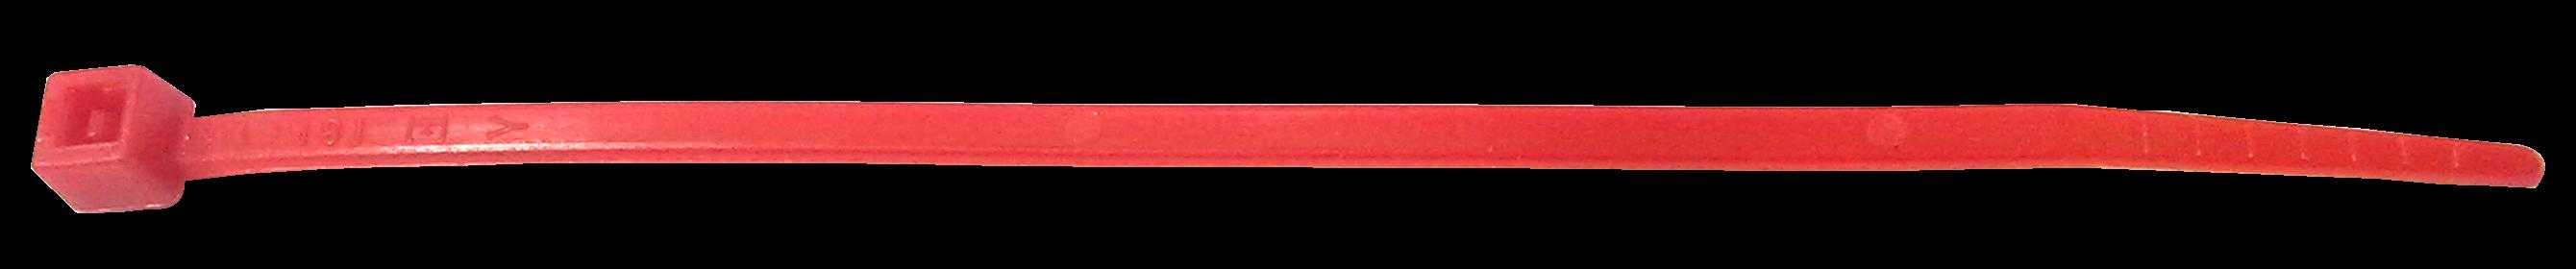 Стяжка червона 200х3.5 ELEMATIC